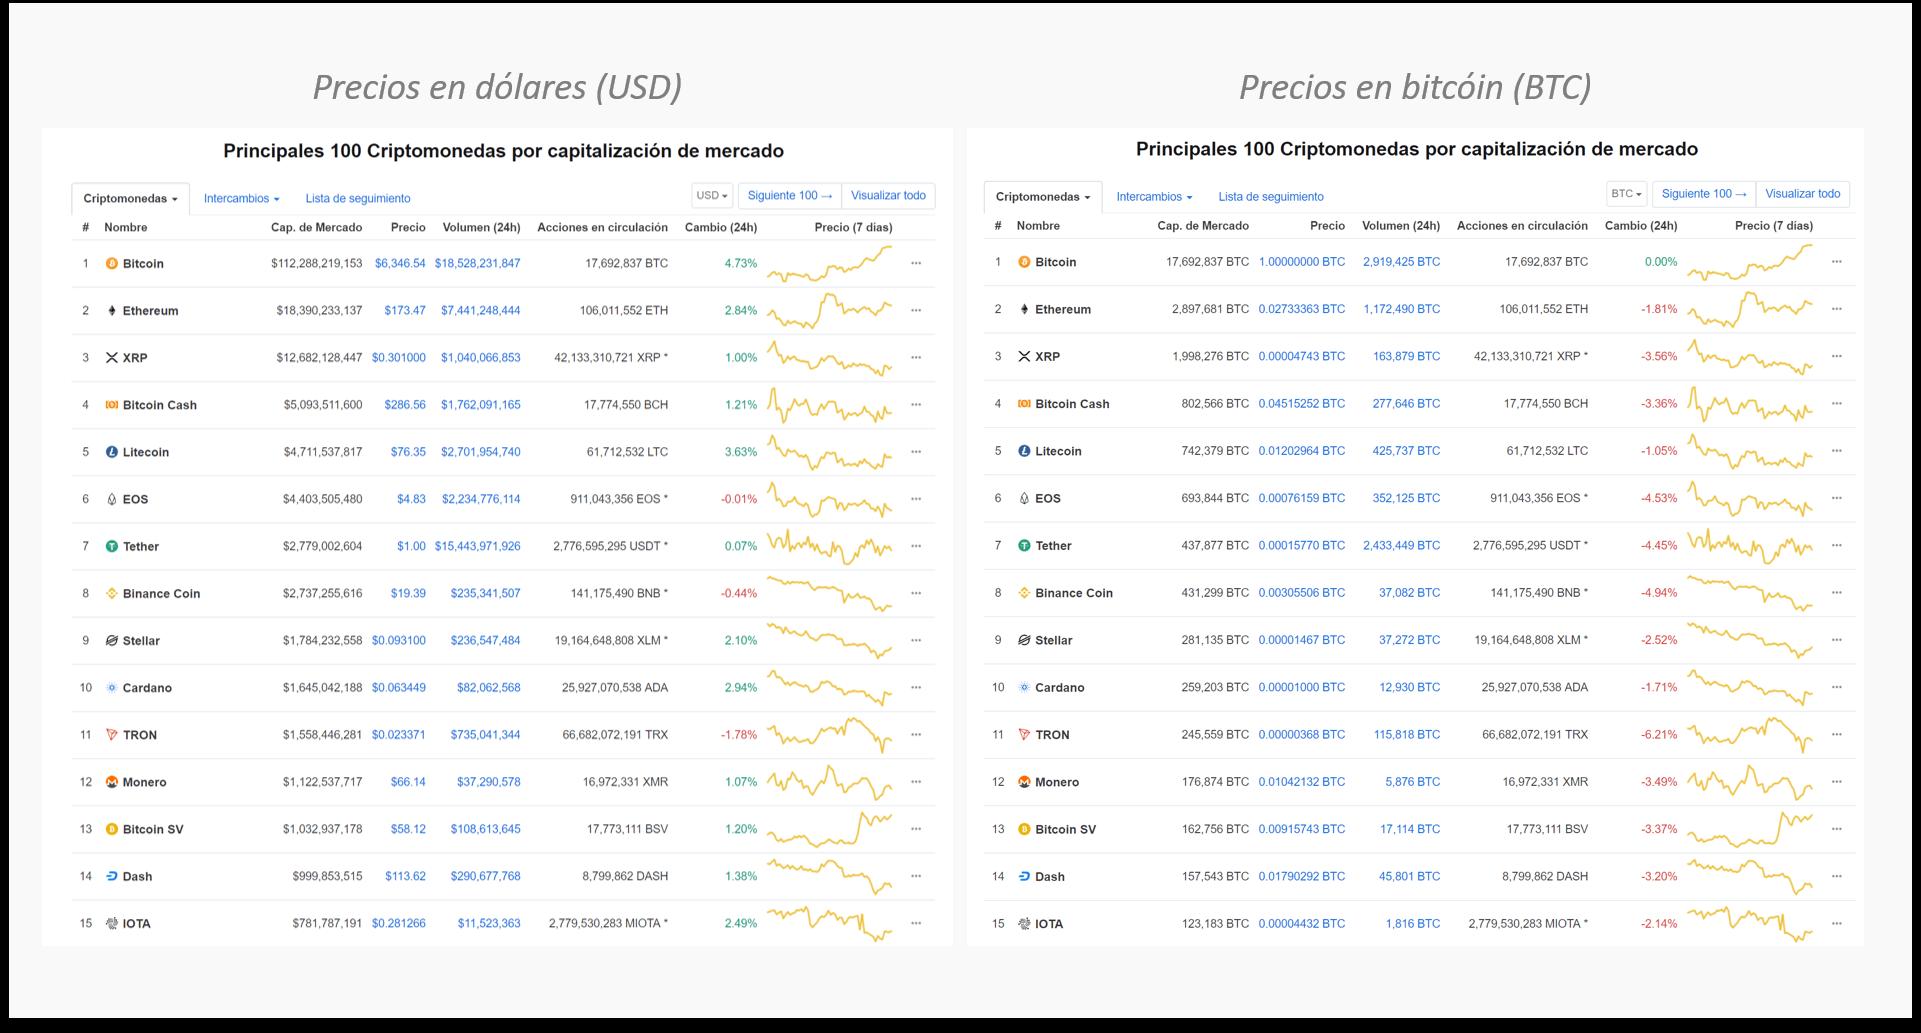 Precios de criptomonedas en dólares vs. bitcóin